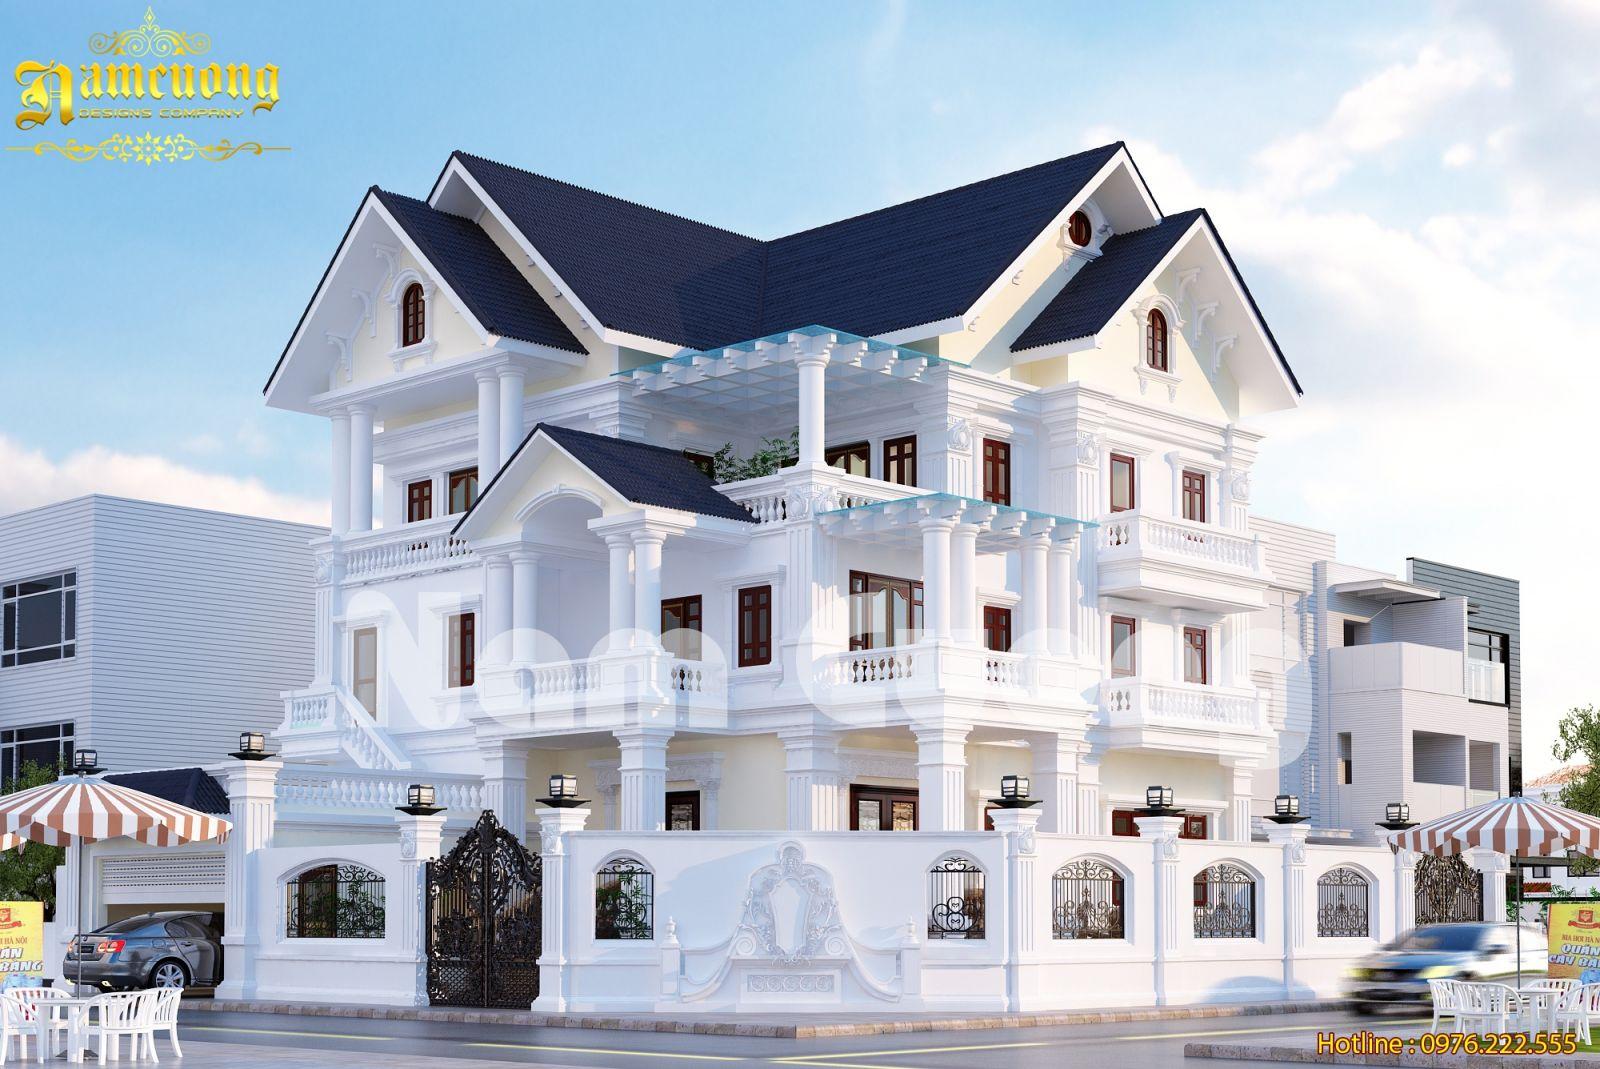 Trình làng mẫu mới nhất về thiết kế biệt thự tân cổ điển tại Quảng Bình